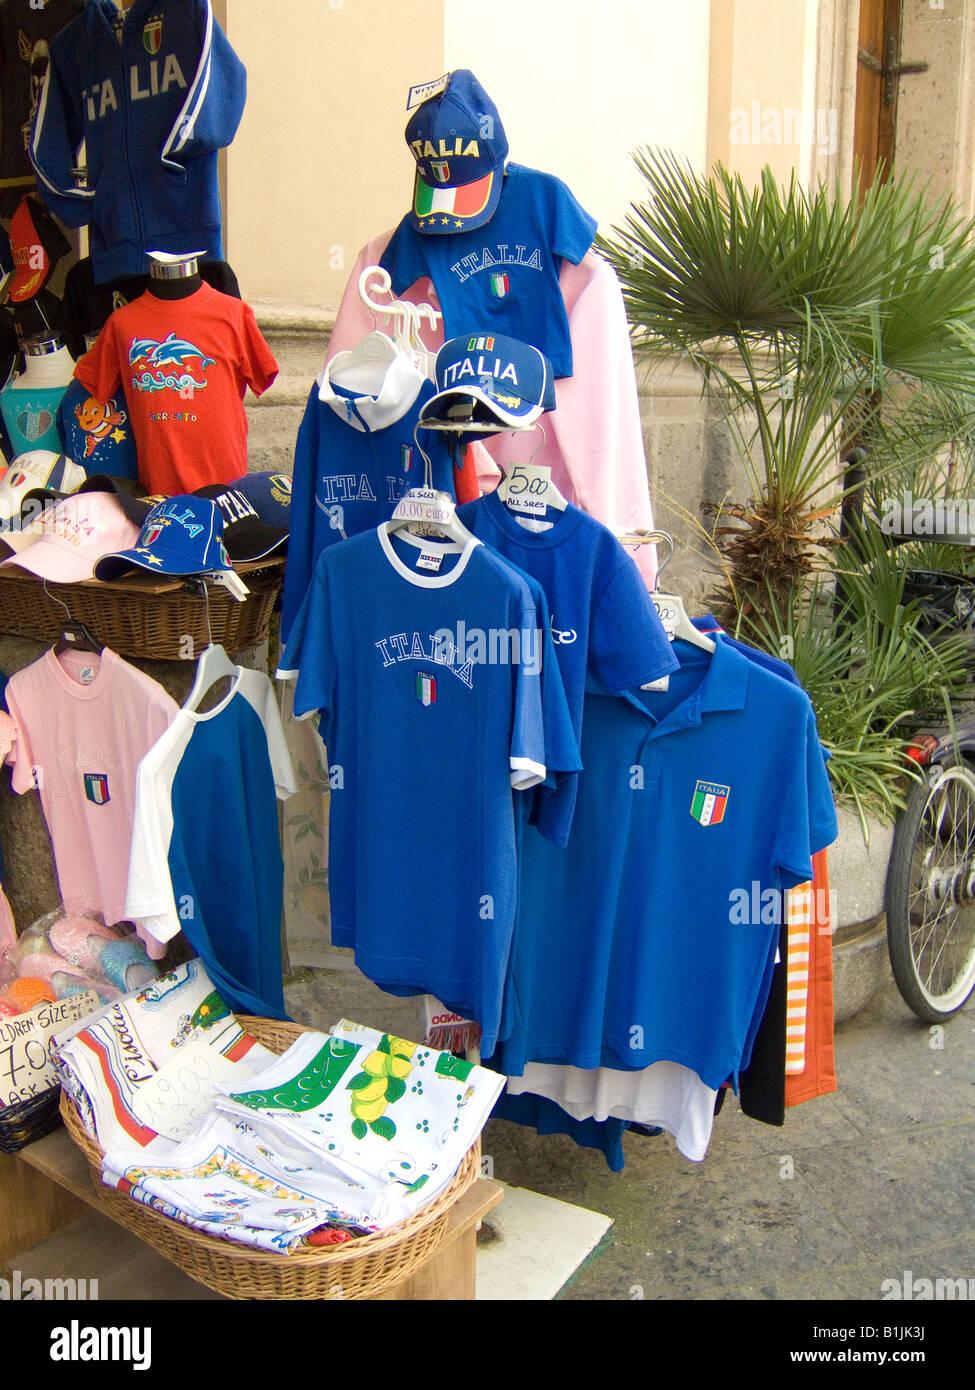 58e03d7a82955 Camisetas de fútbol italiano en venta en Sorrento